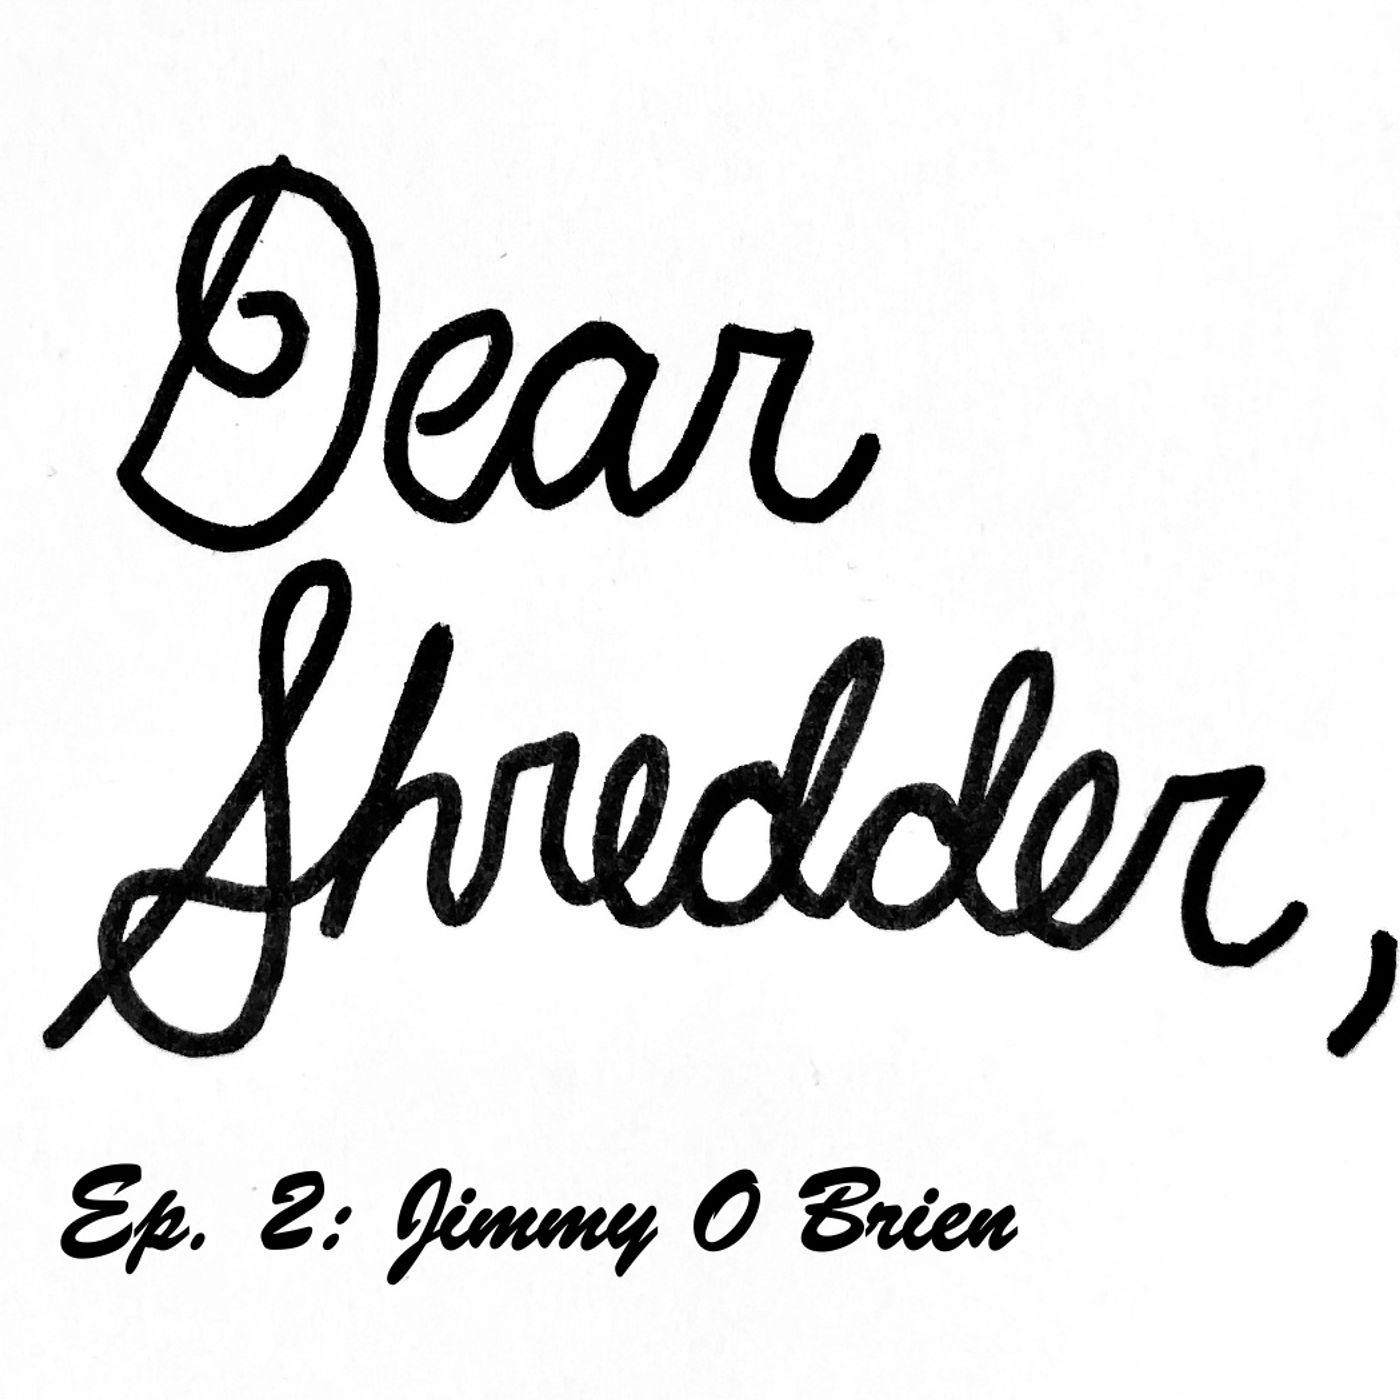 Dear Shredder Ep.2: Jimmy O Brien